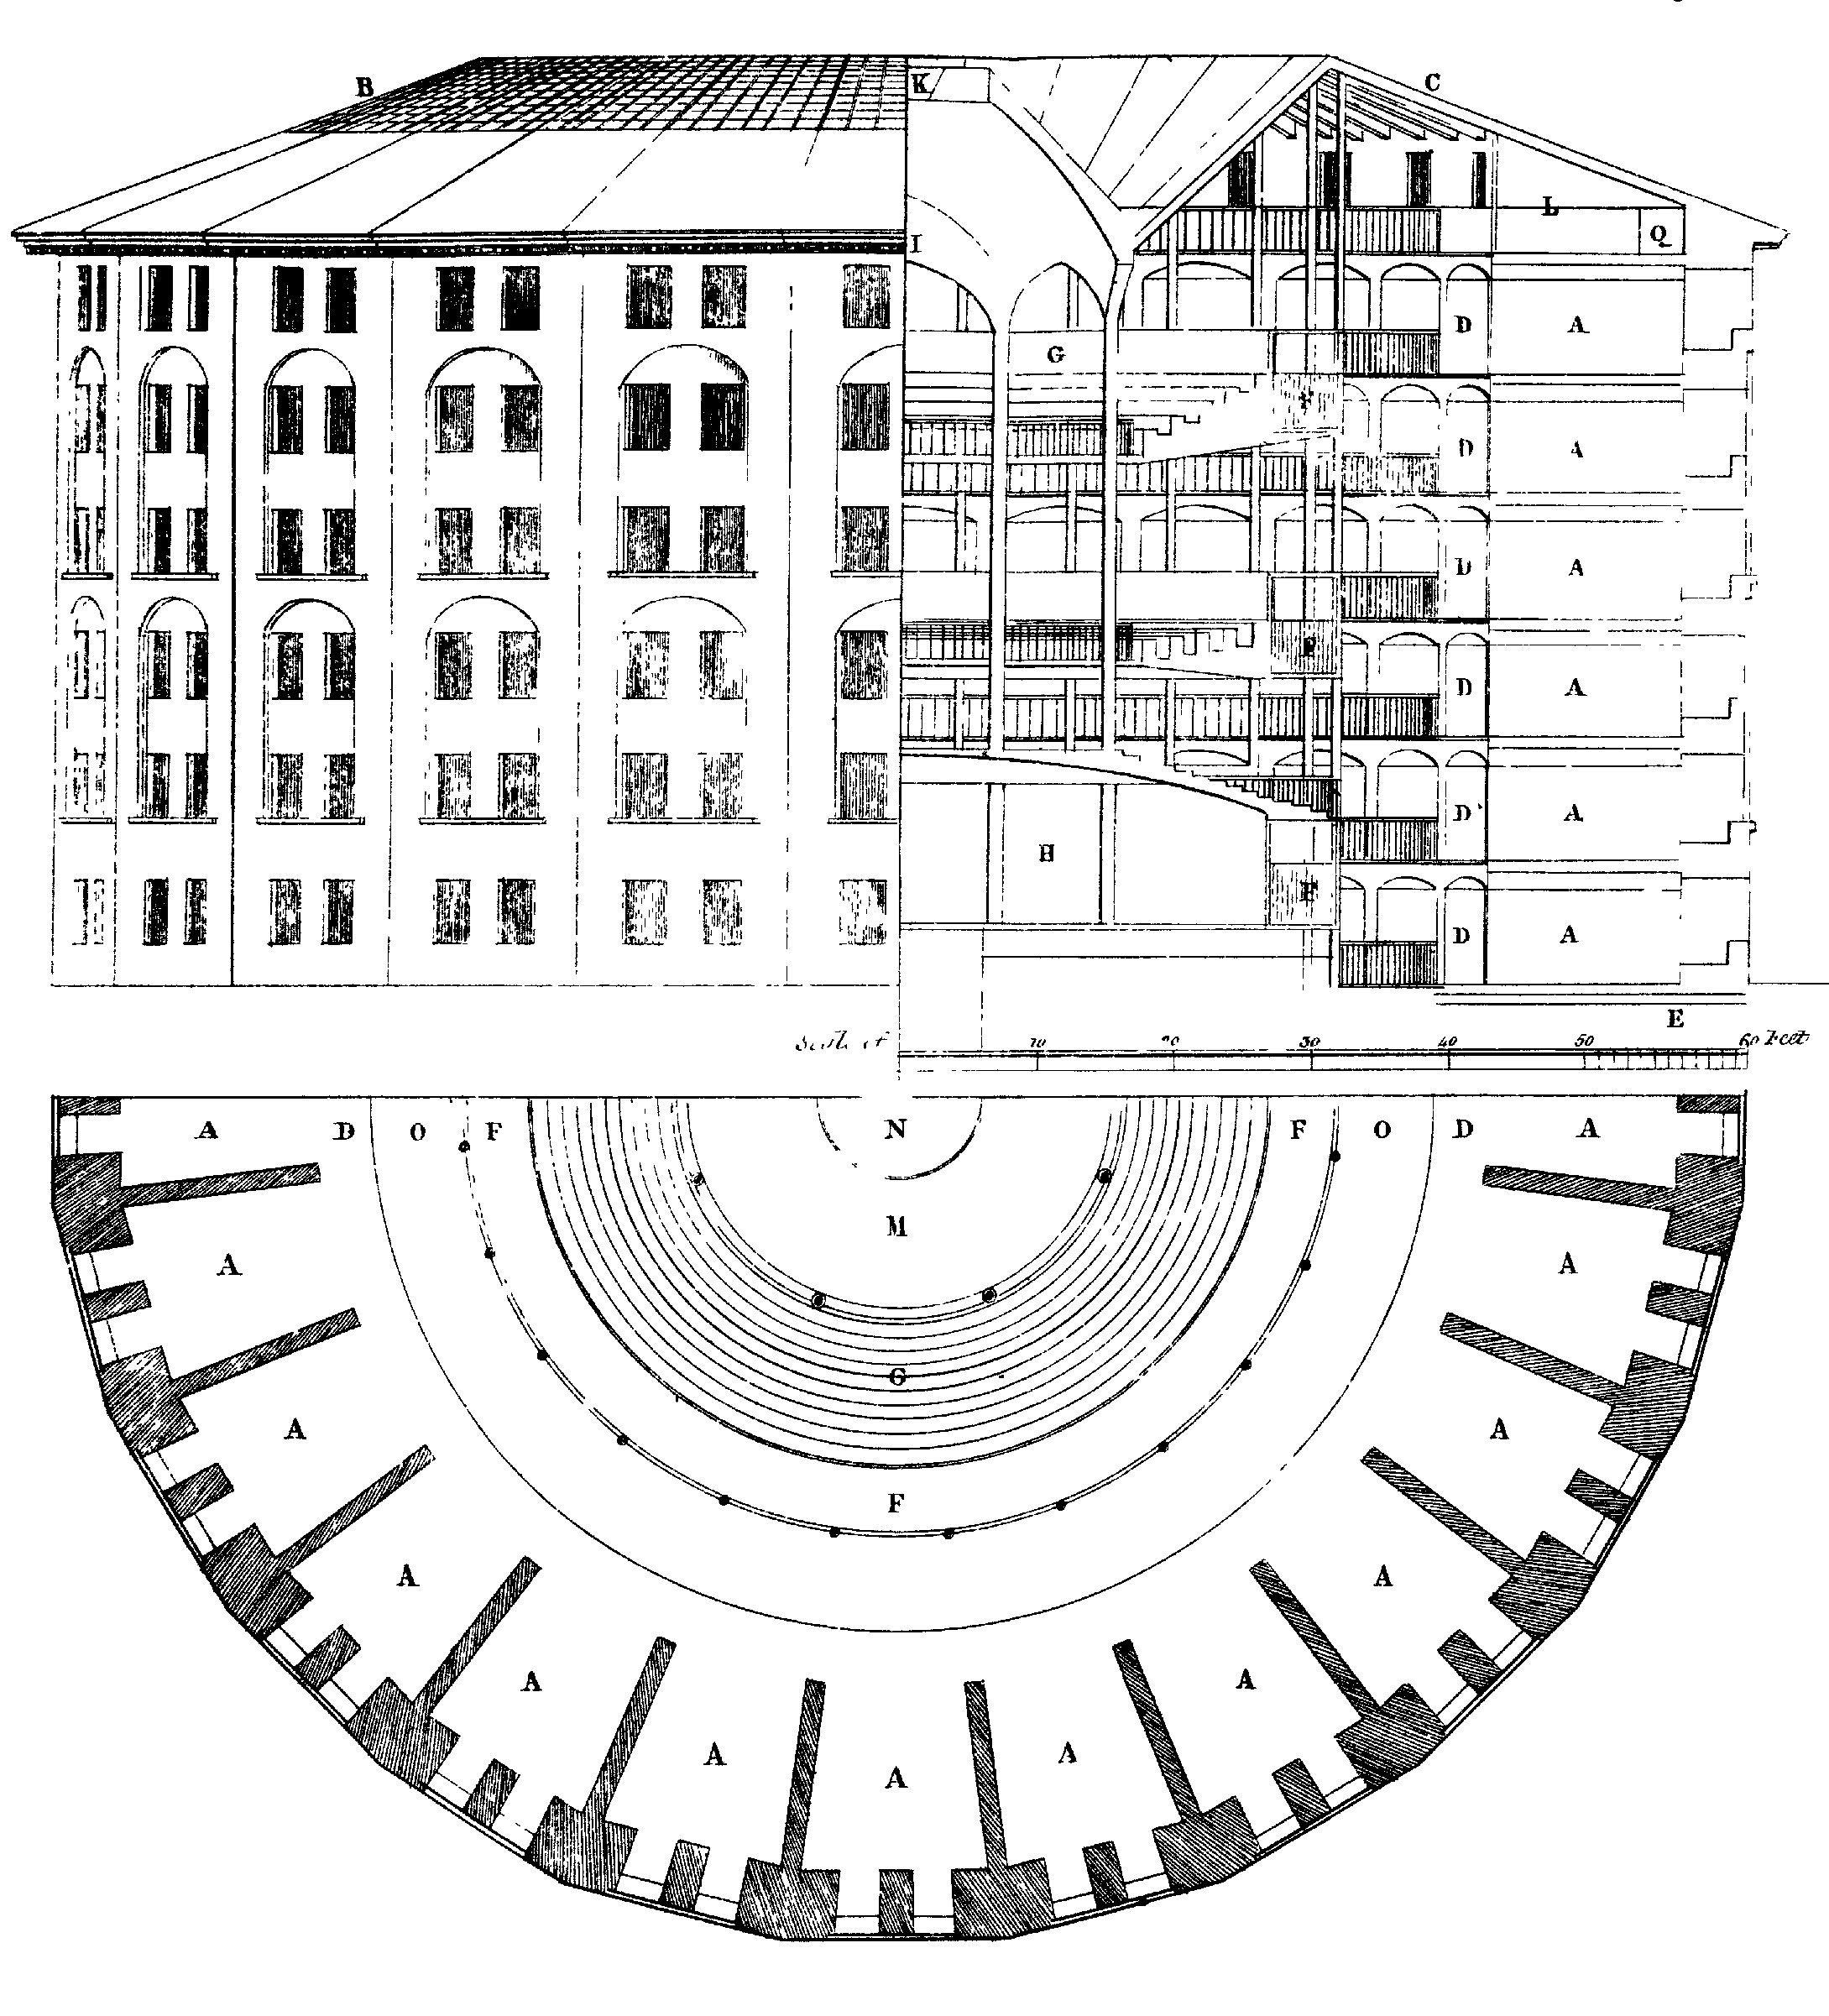 Plano arquitectónico de un panóptico